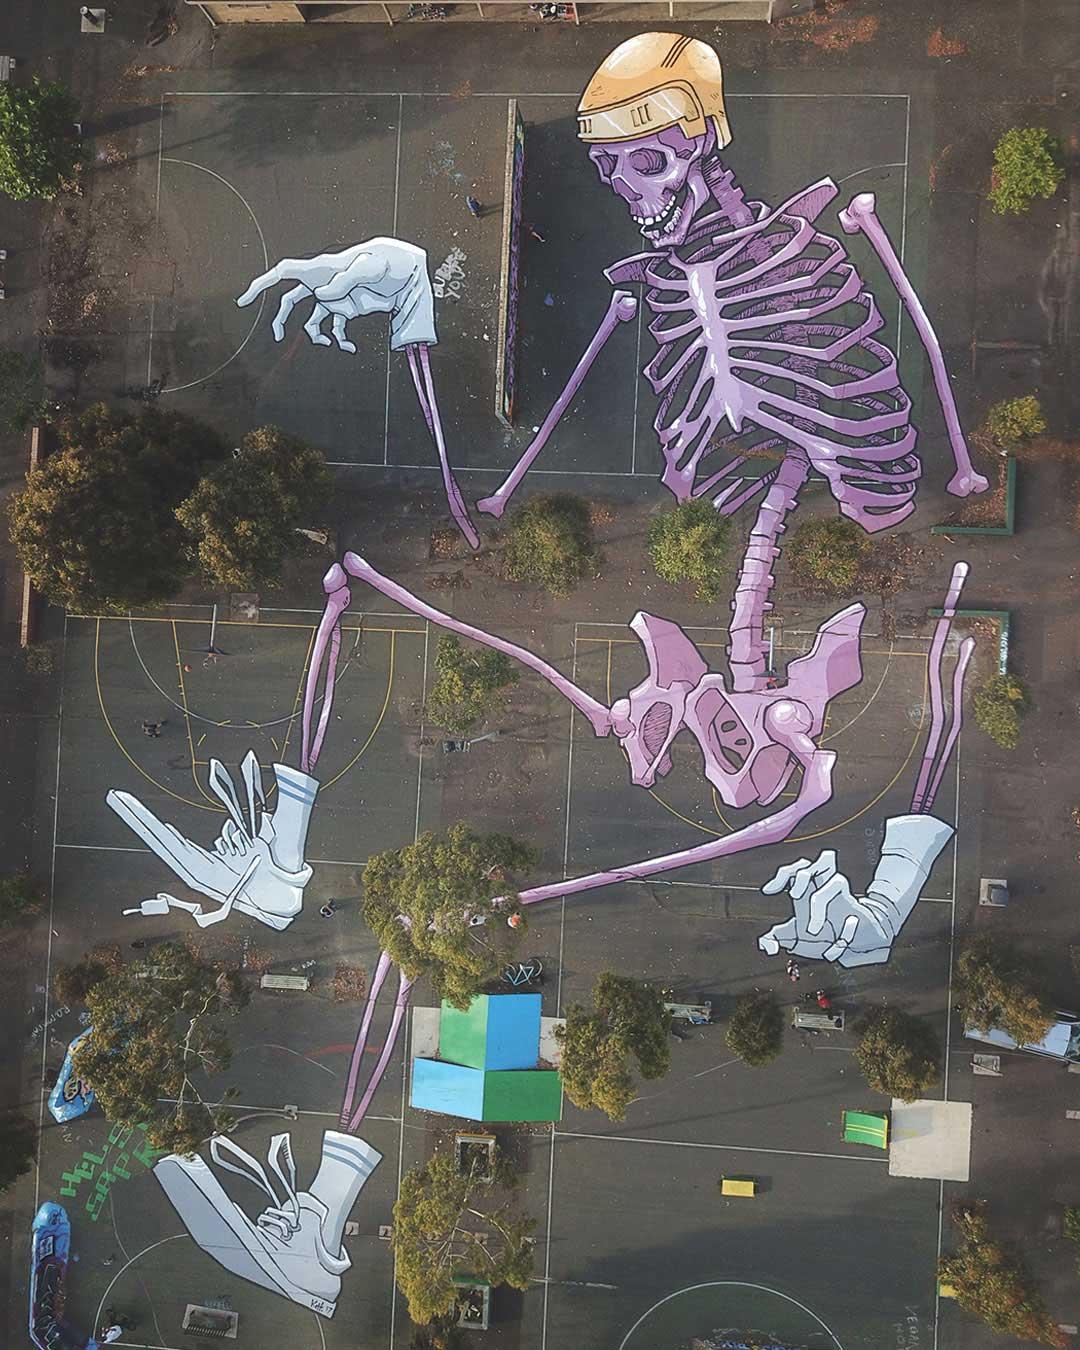 Die gigantischen Boden-Murals von Kitt Bennett Kitt-Bennett-murals_04